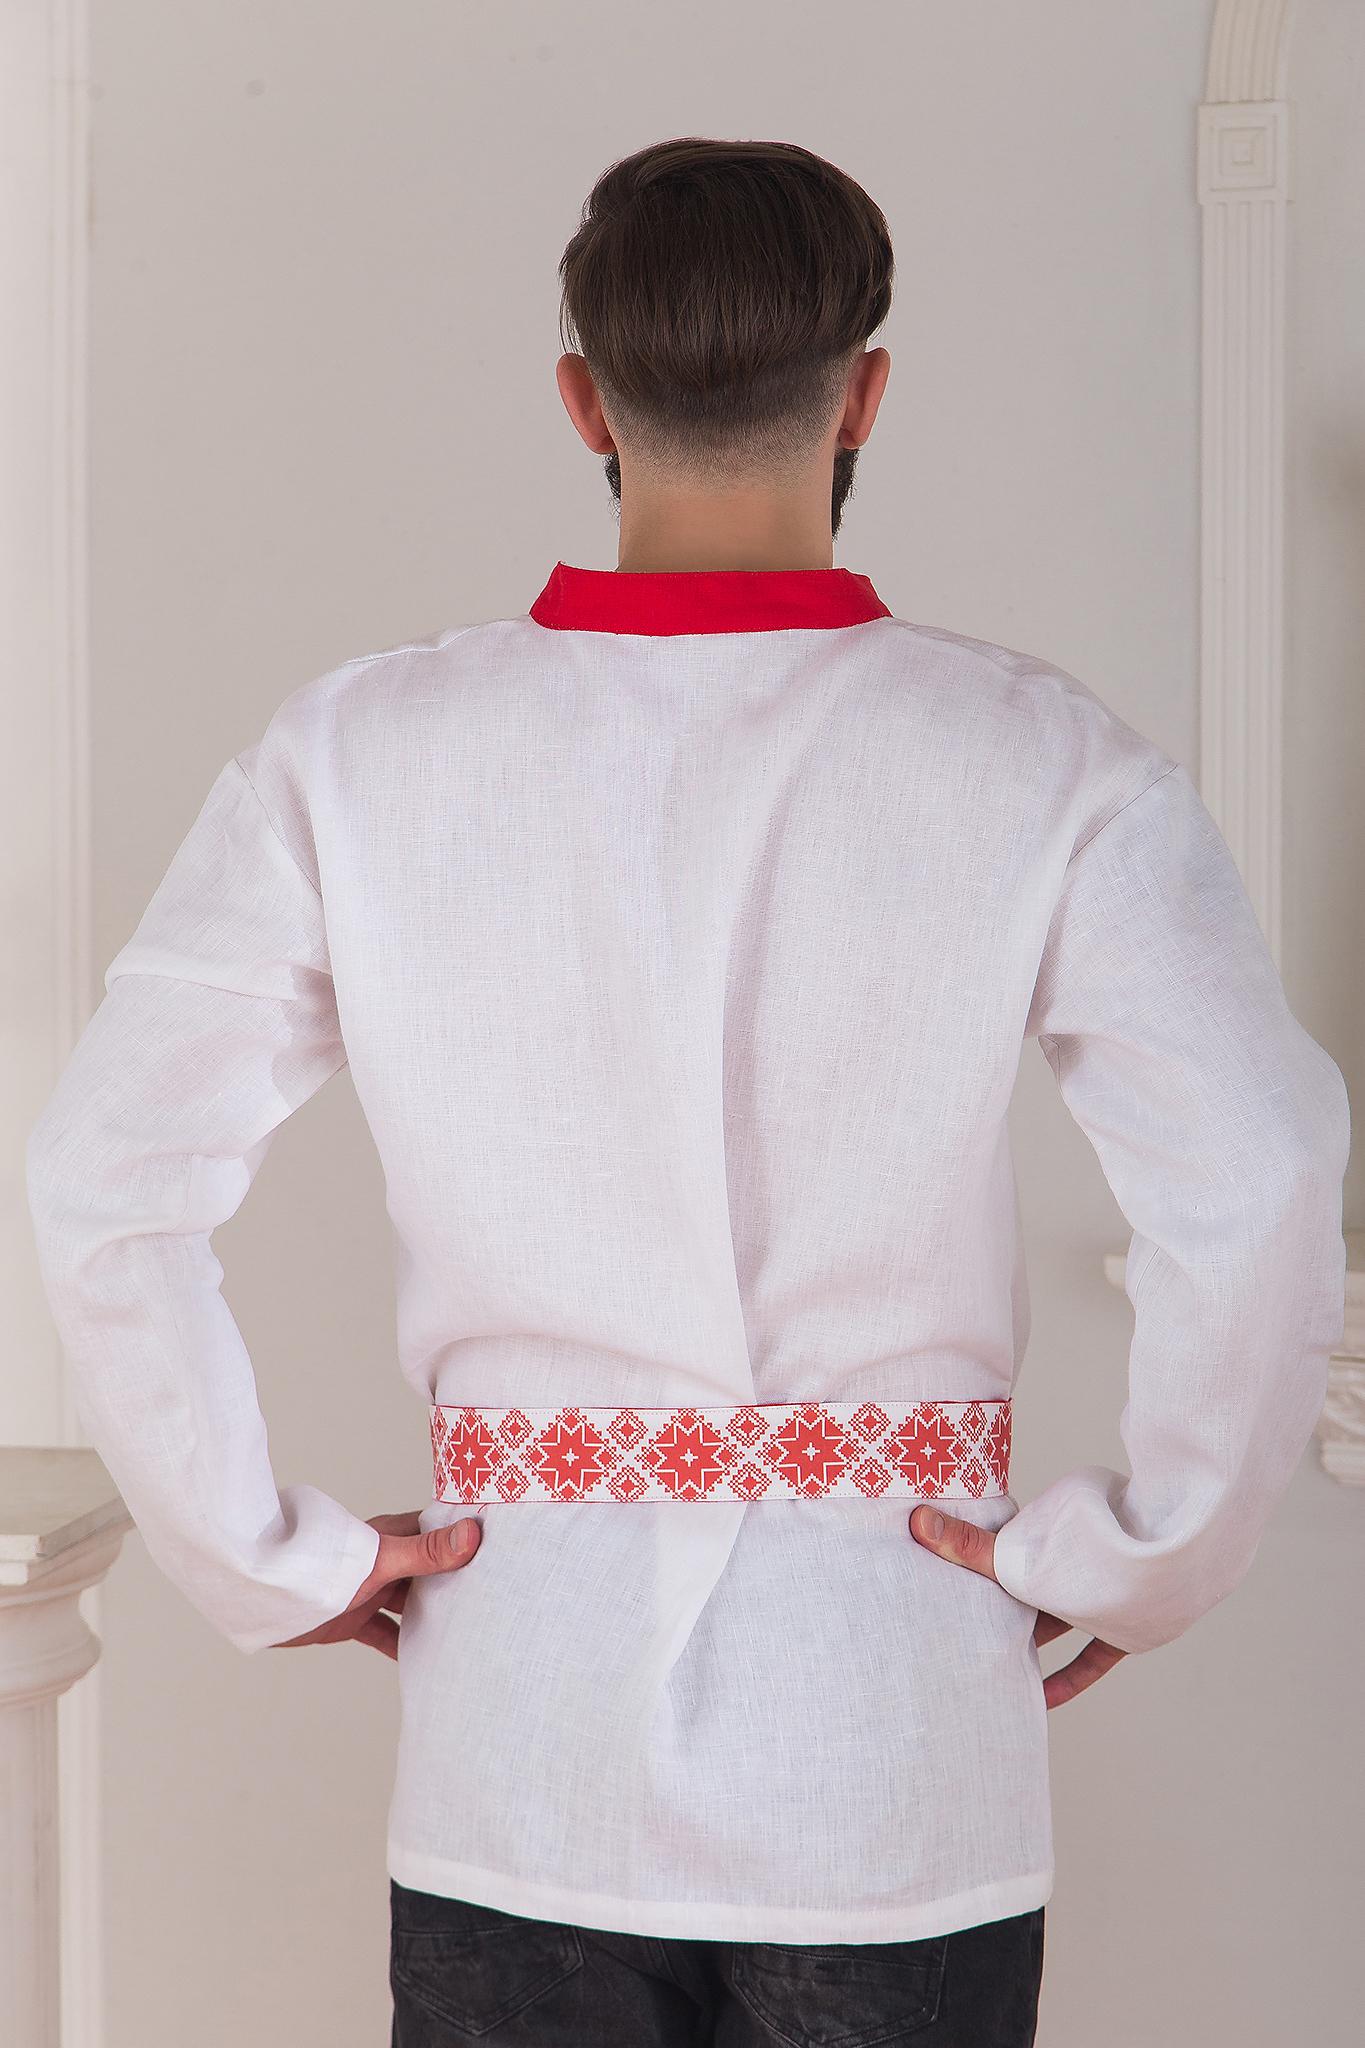 Русская рубаха мужская Воевода от Иванка вид сзади